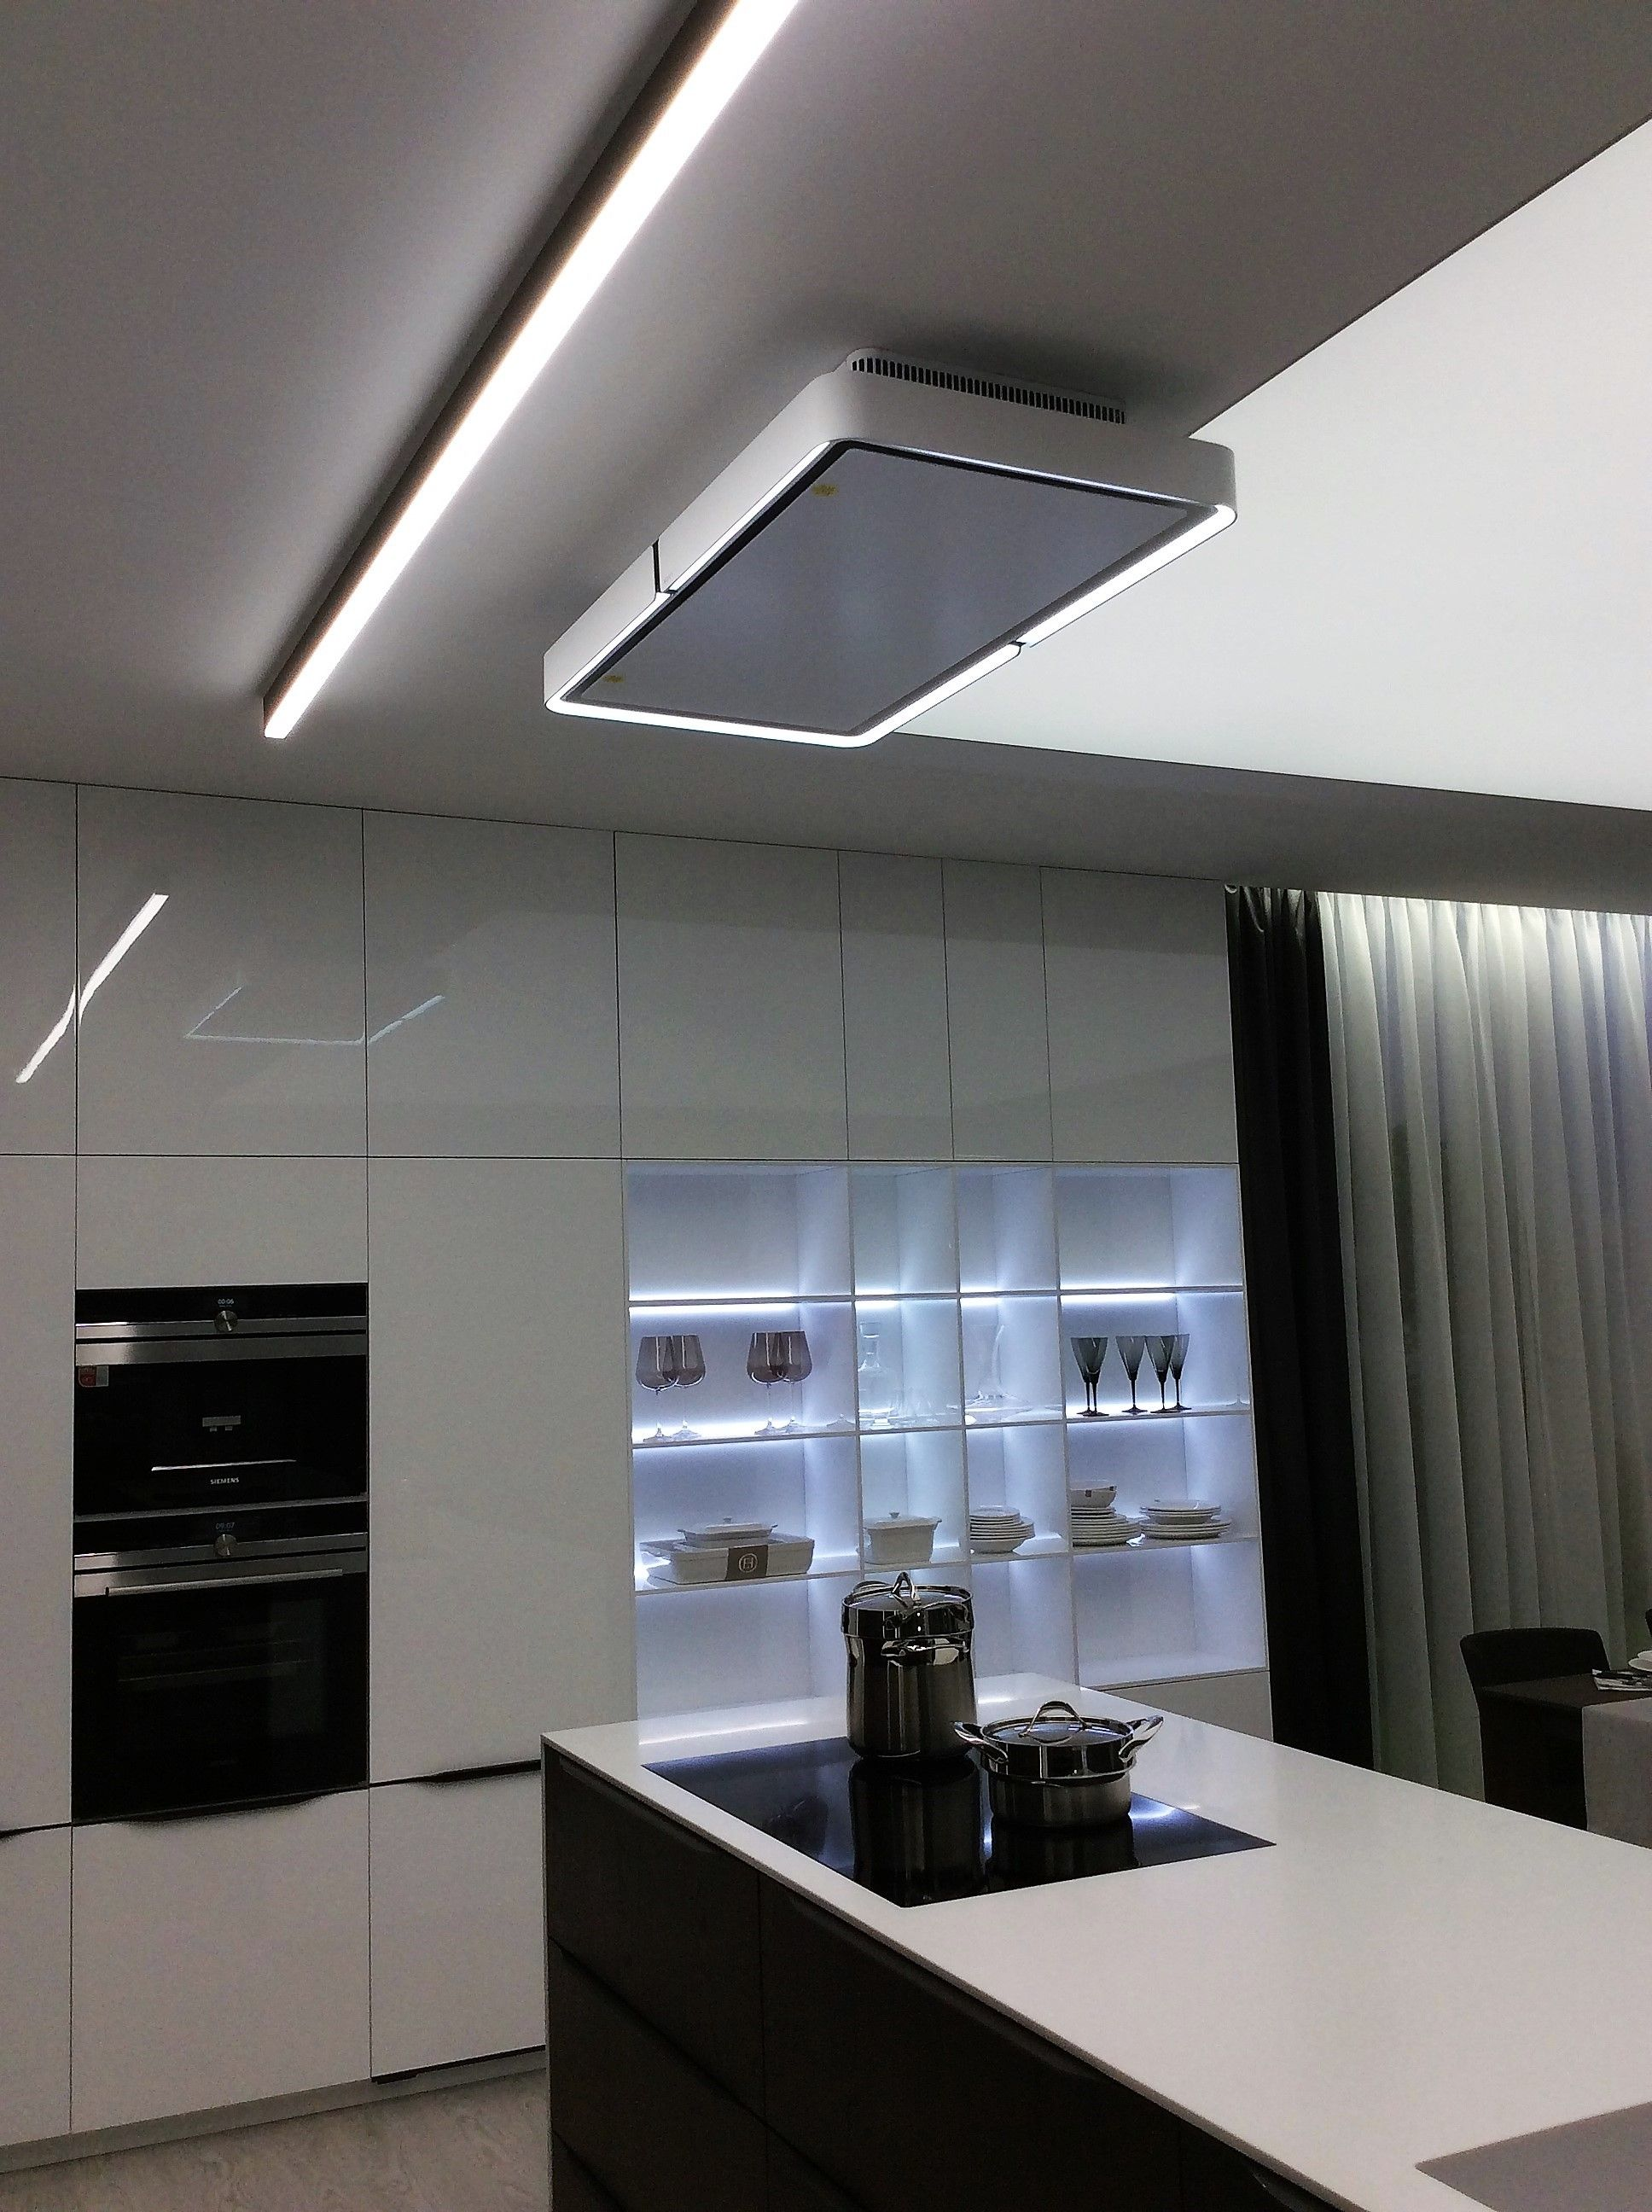 Großartig Küche Und Bad Studios Bethesda Bilder - Ideen Für Die ...